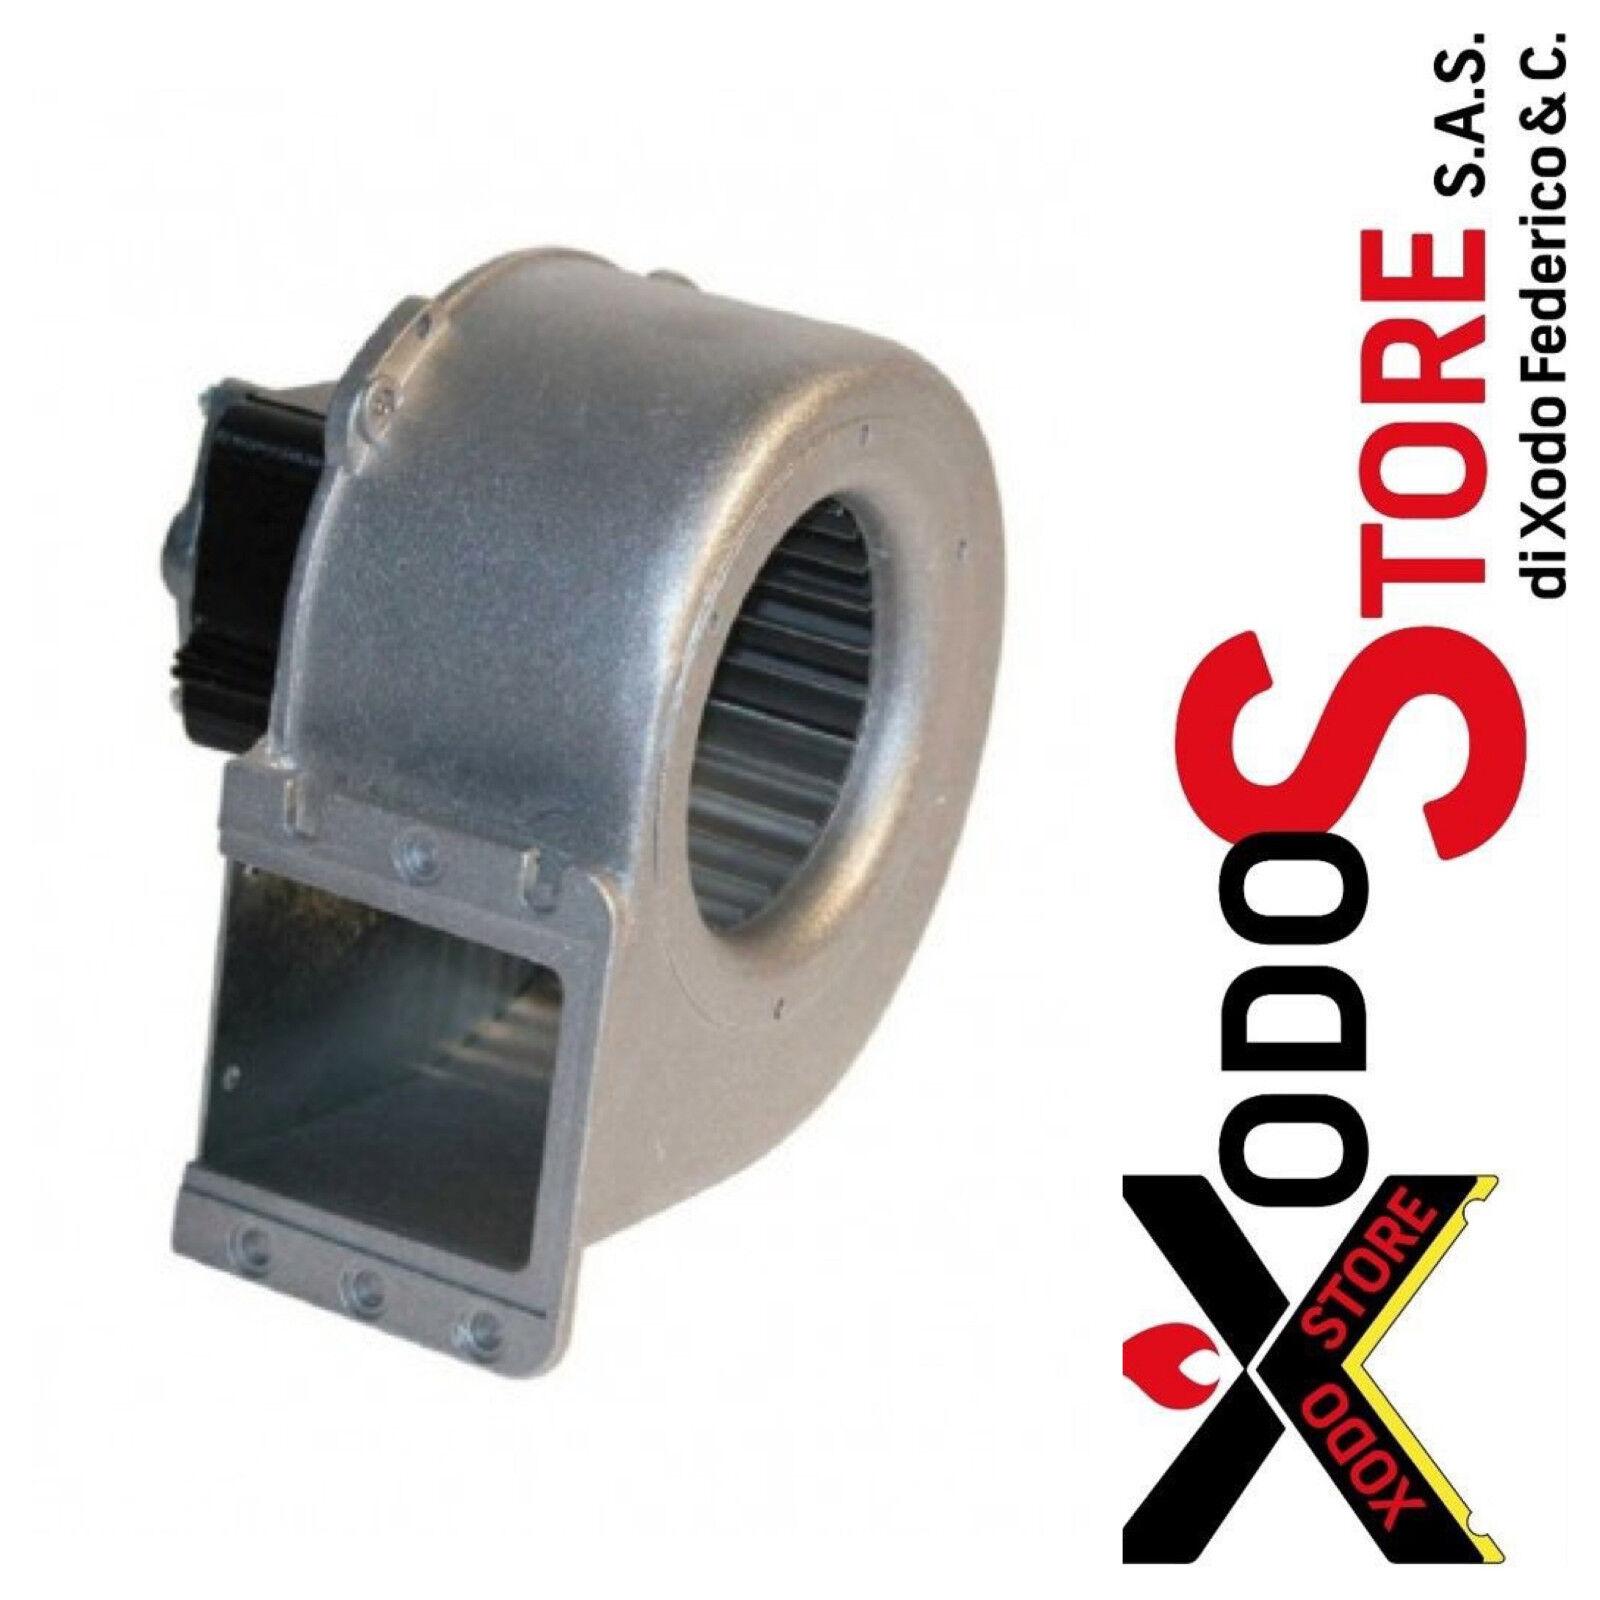 Ventilateur centrifuge pour poêle pellet 14706049 températures élevées 80 Watts